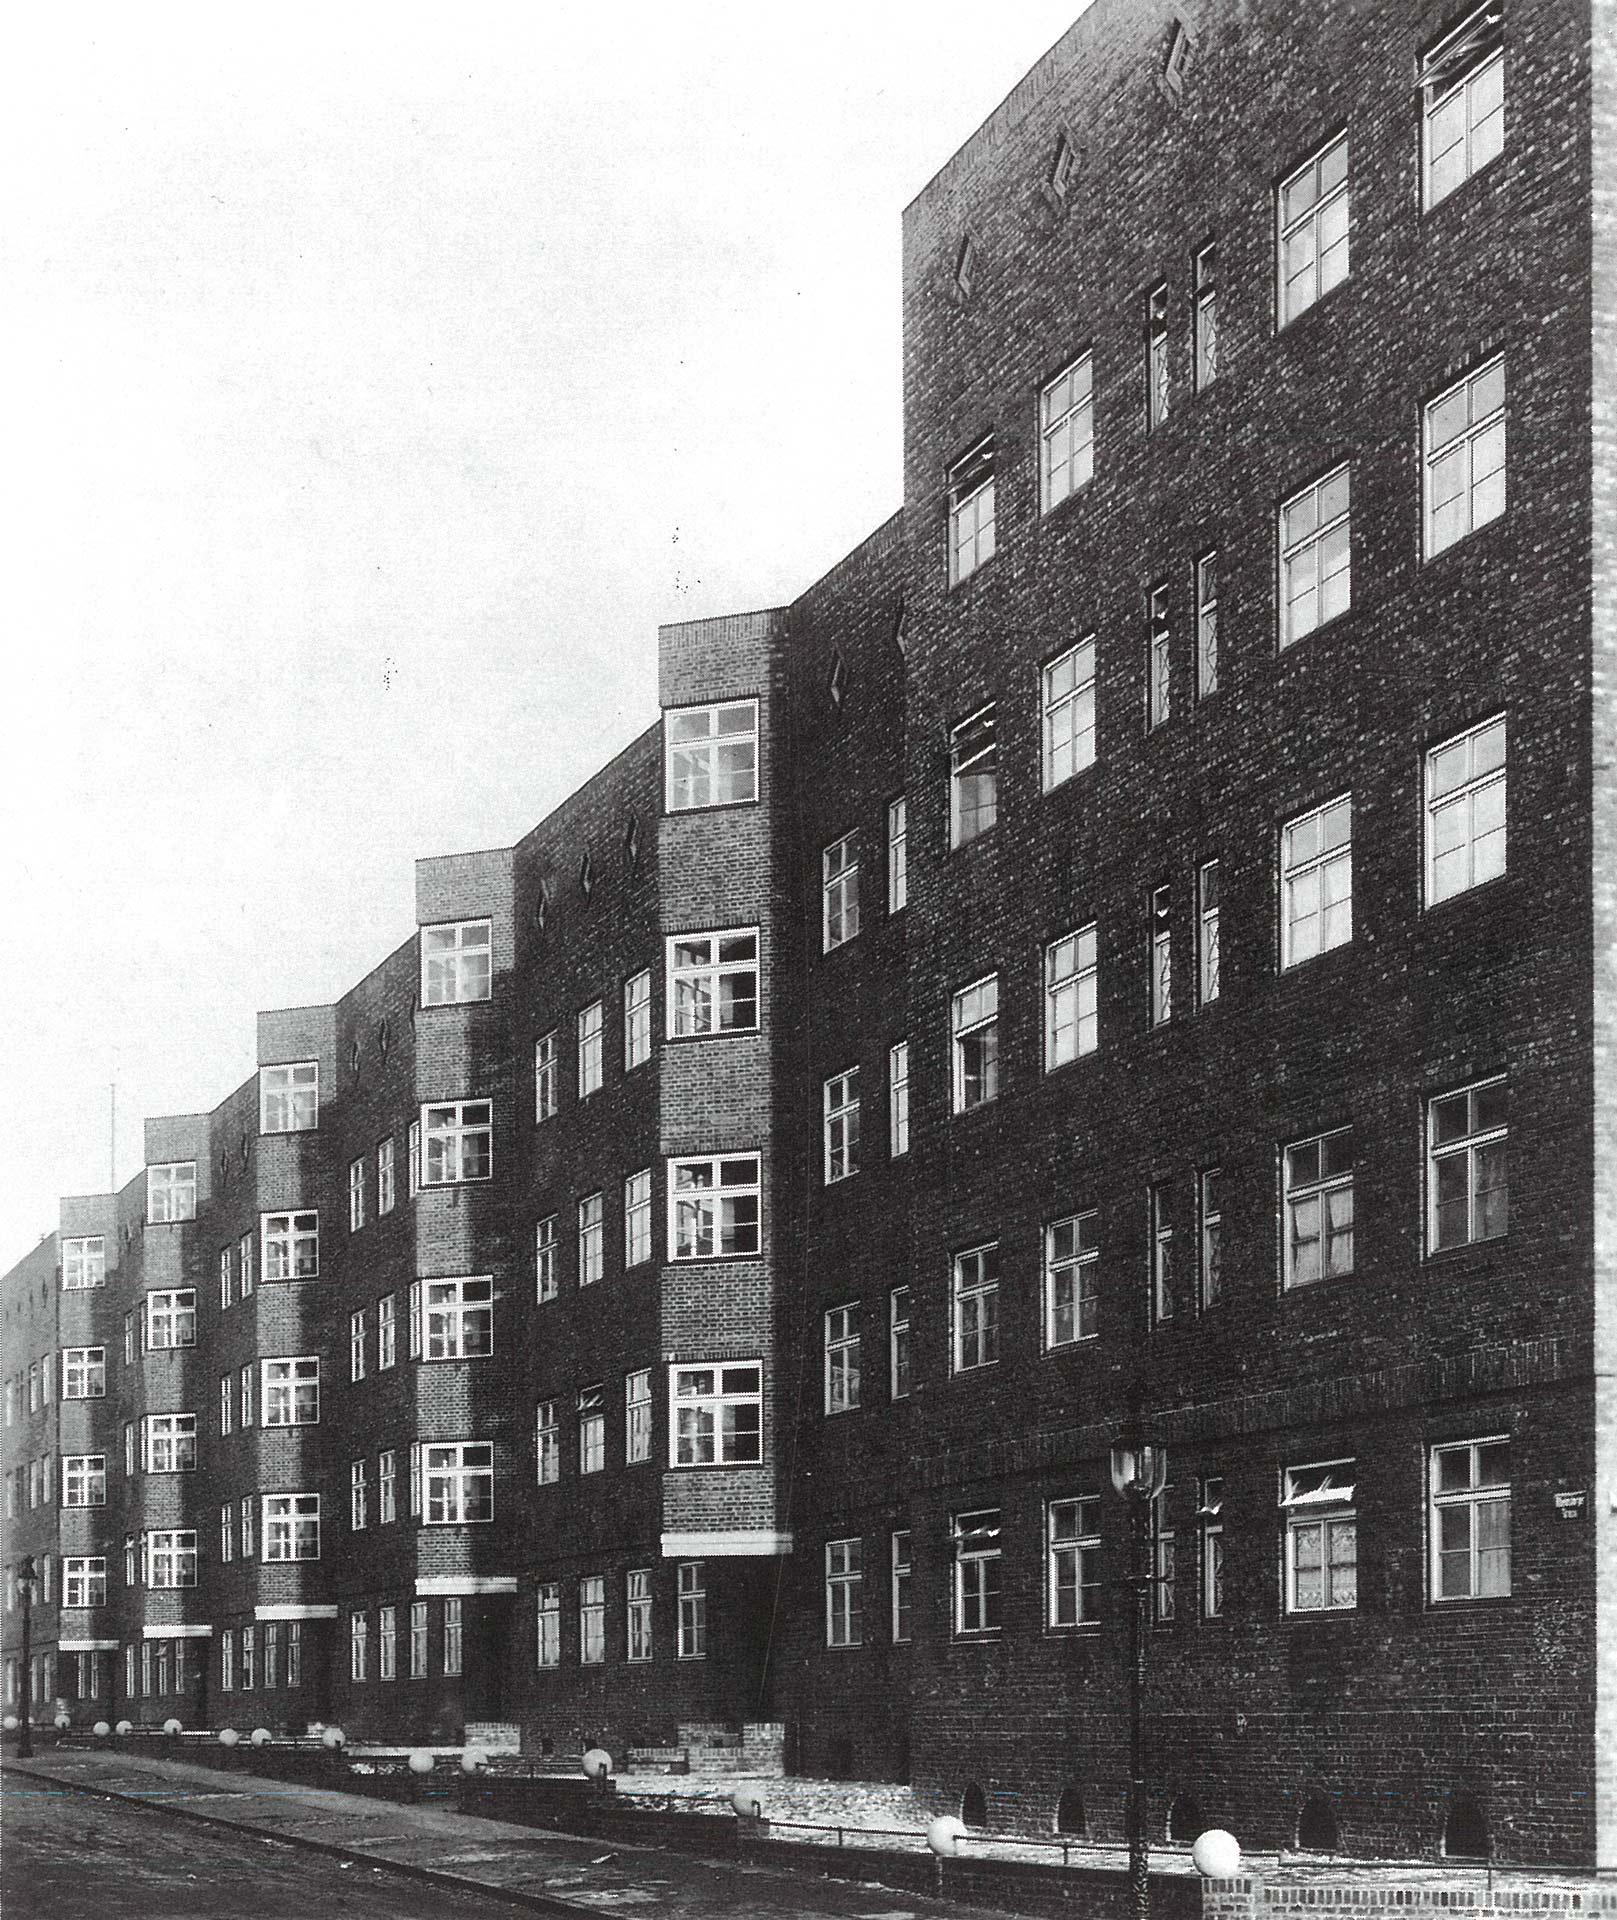 Sieldeich Hamburg